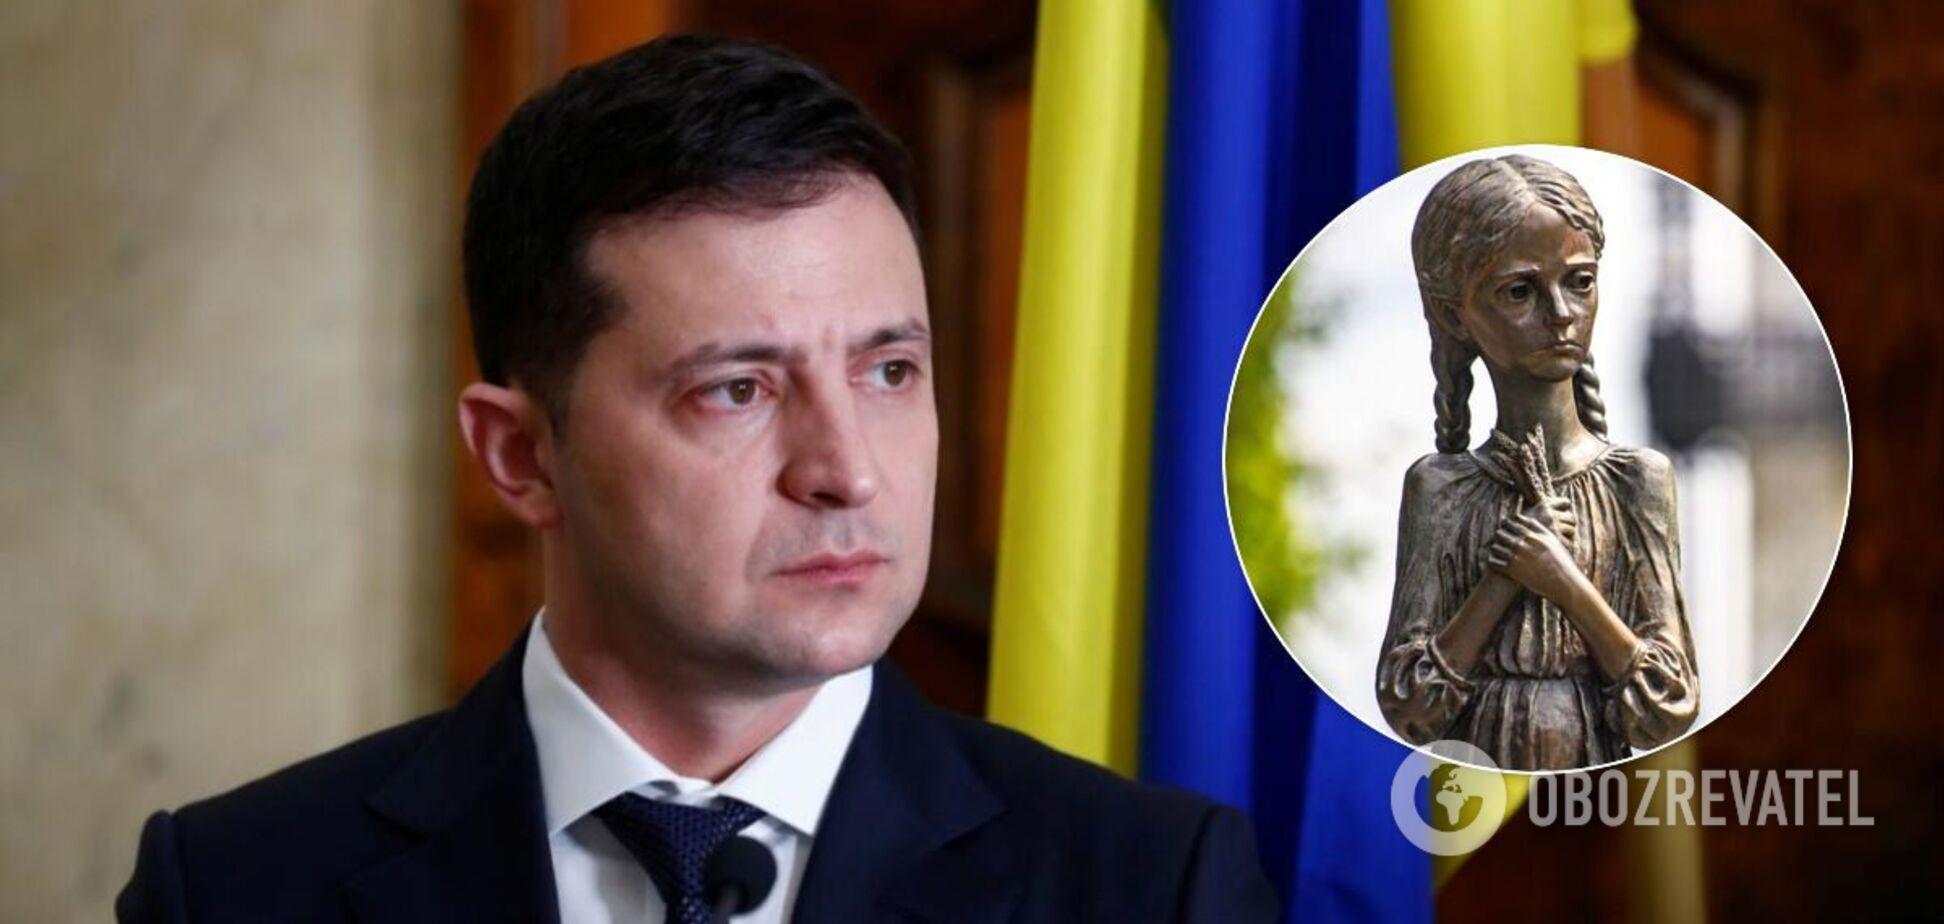 Володимир Зеленський відреагував на акт вандалізму біля меморіалу Голодомору